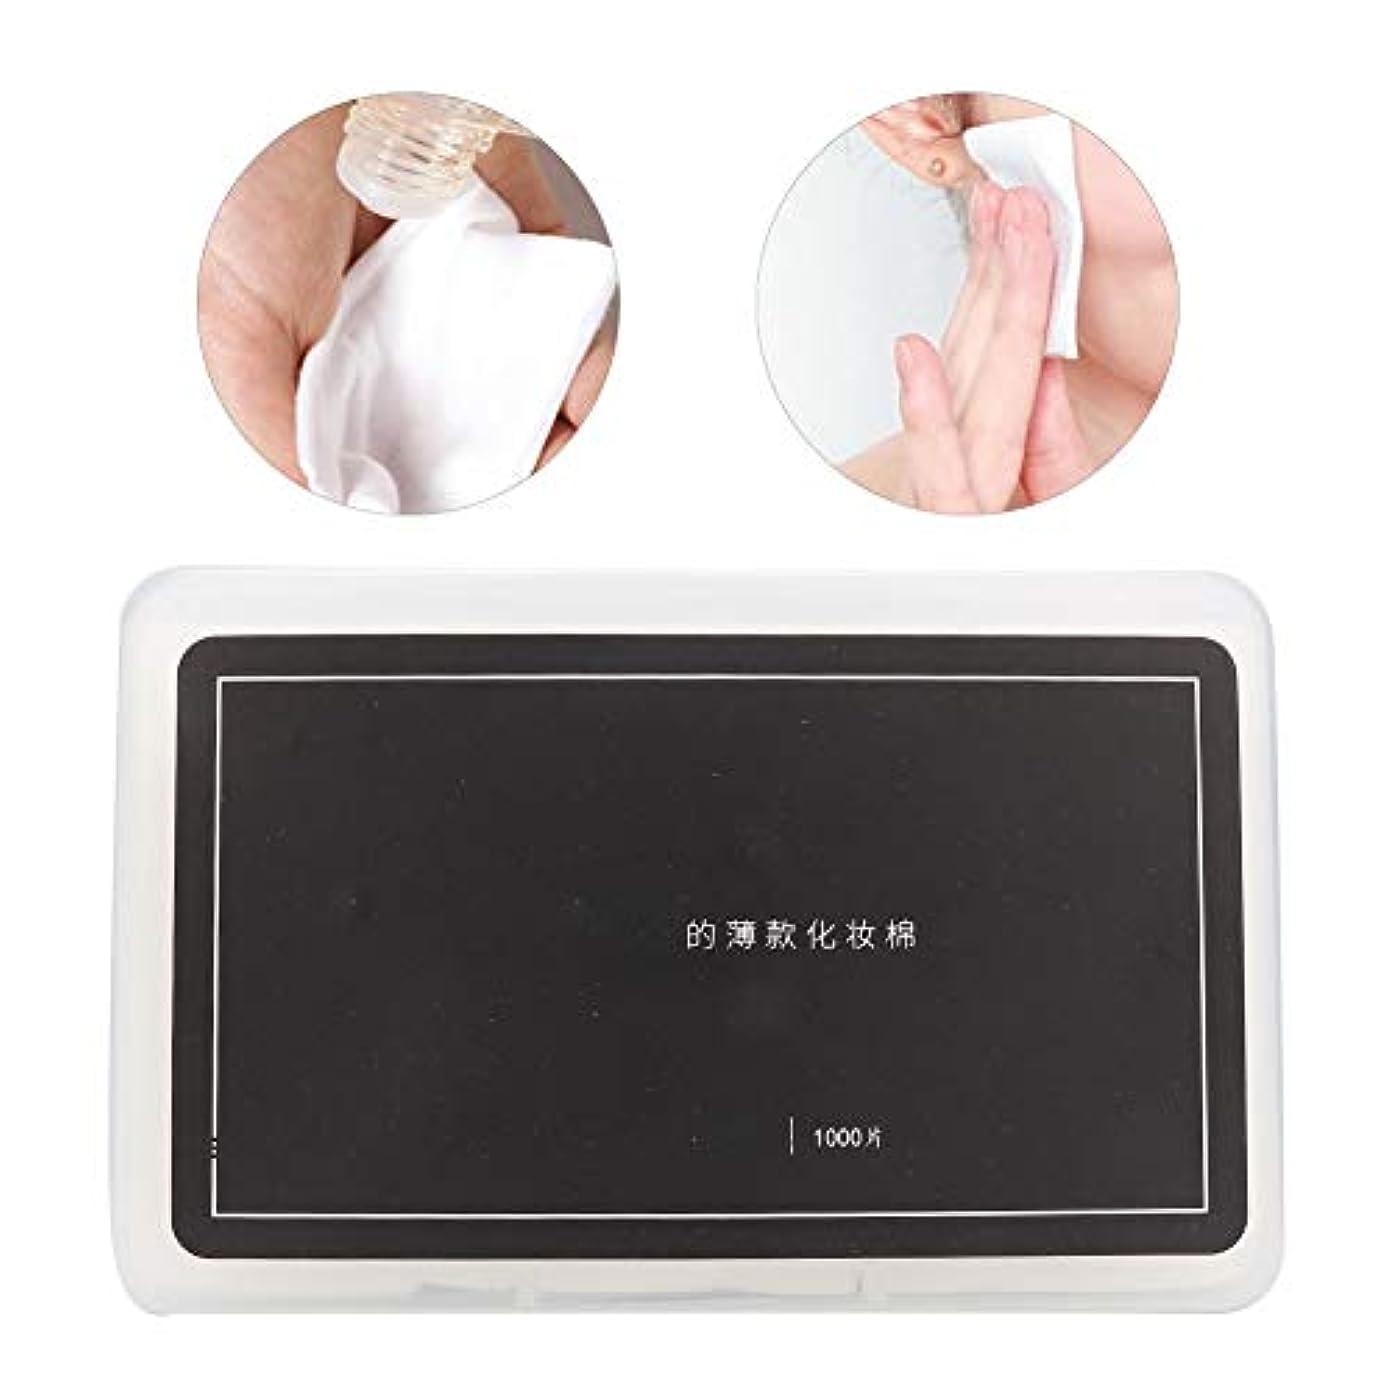 祈る生息地バット1000Pcs化粧コットンパッド、化粧落としネイルケア肌のためのボックスパッケージが付いている柔らかく穏やかな引き裂き抵抗の綿きれいに、不織布乾いたと濡れたデュアルユースコットン(1)